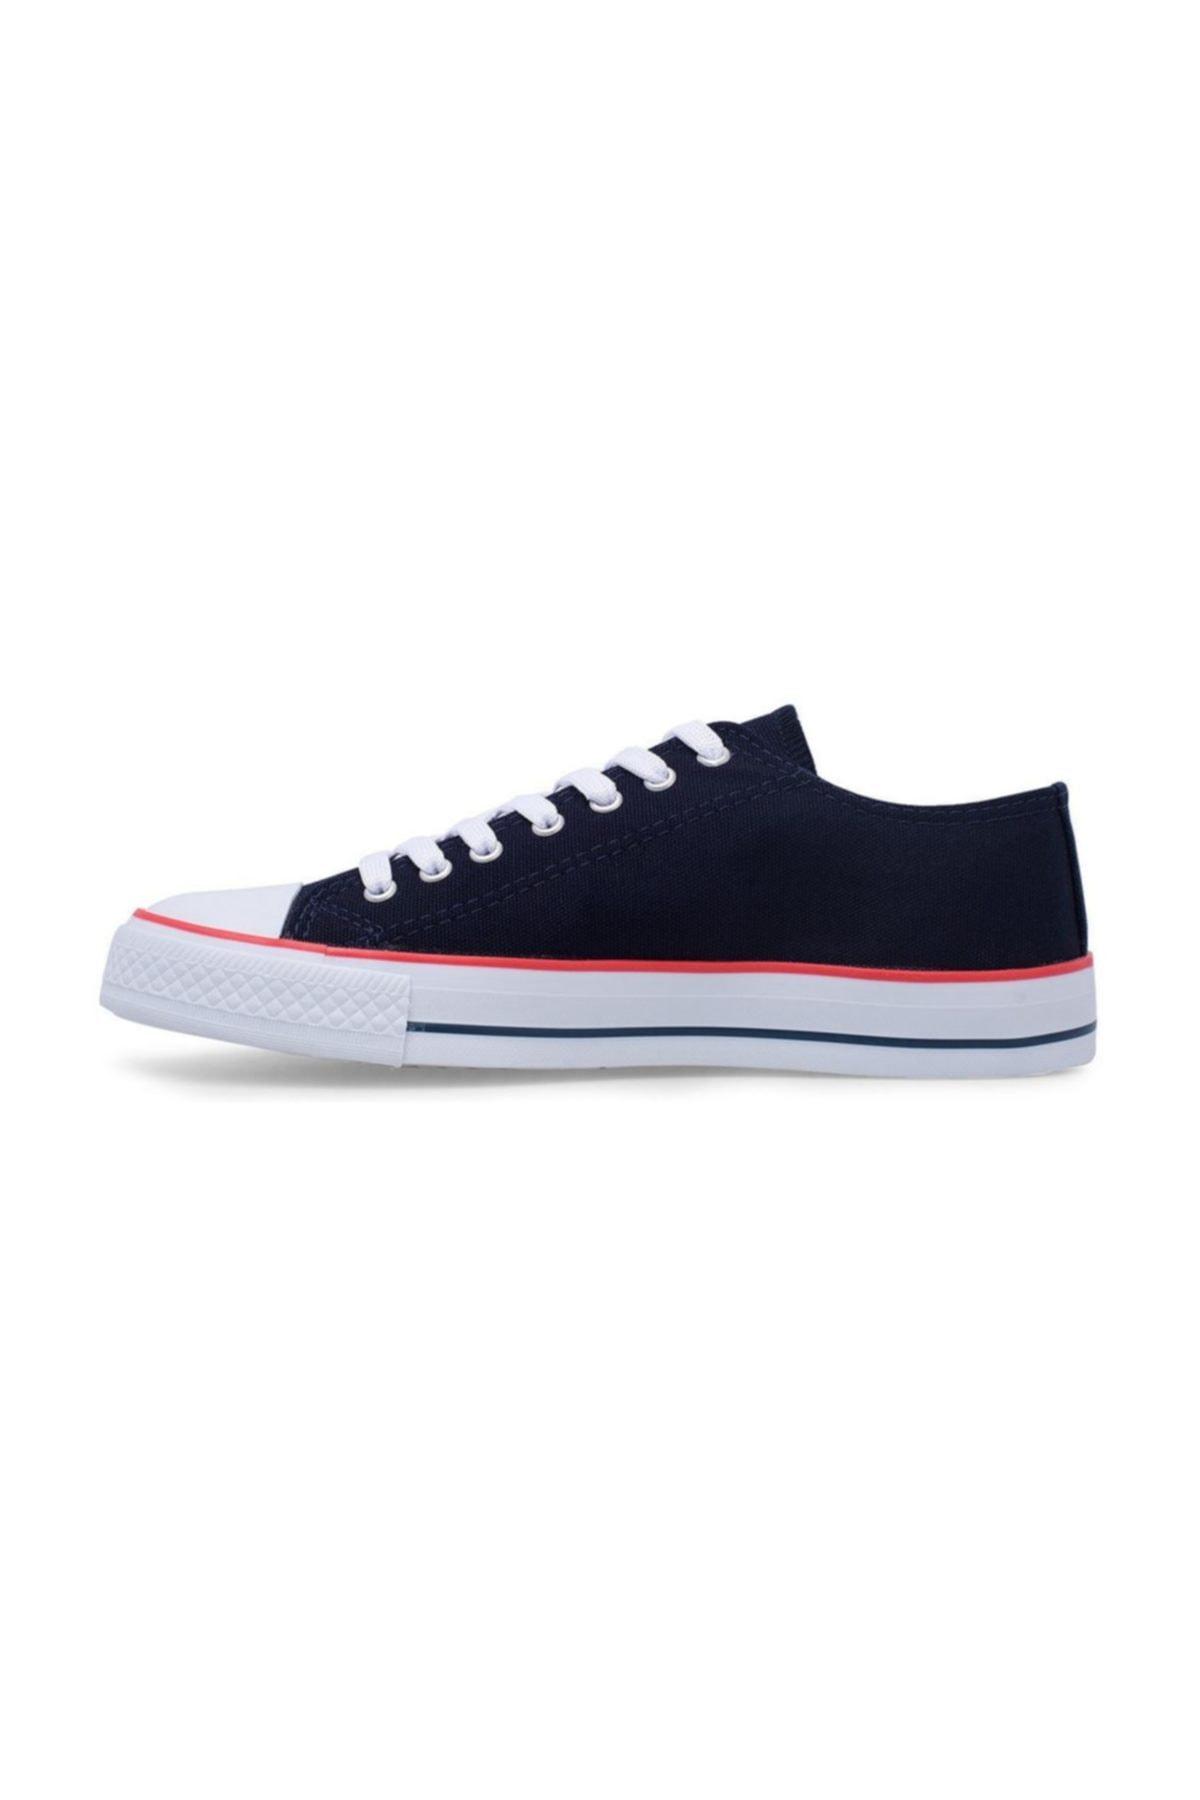 lumberjack MAXWELL Lacivert Erkek Kalın Taban Sneaker Spor Ayakkabı 100506842 2